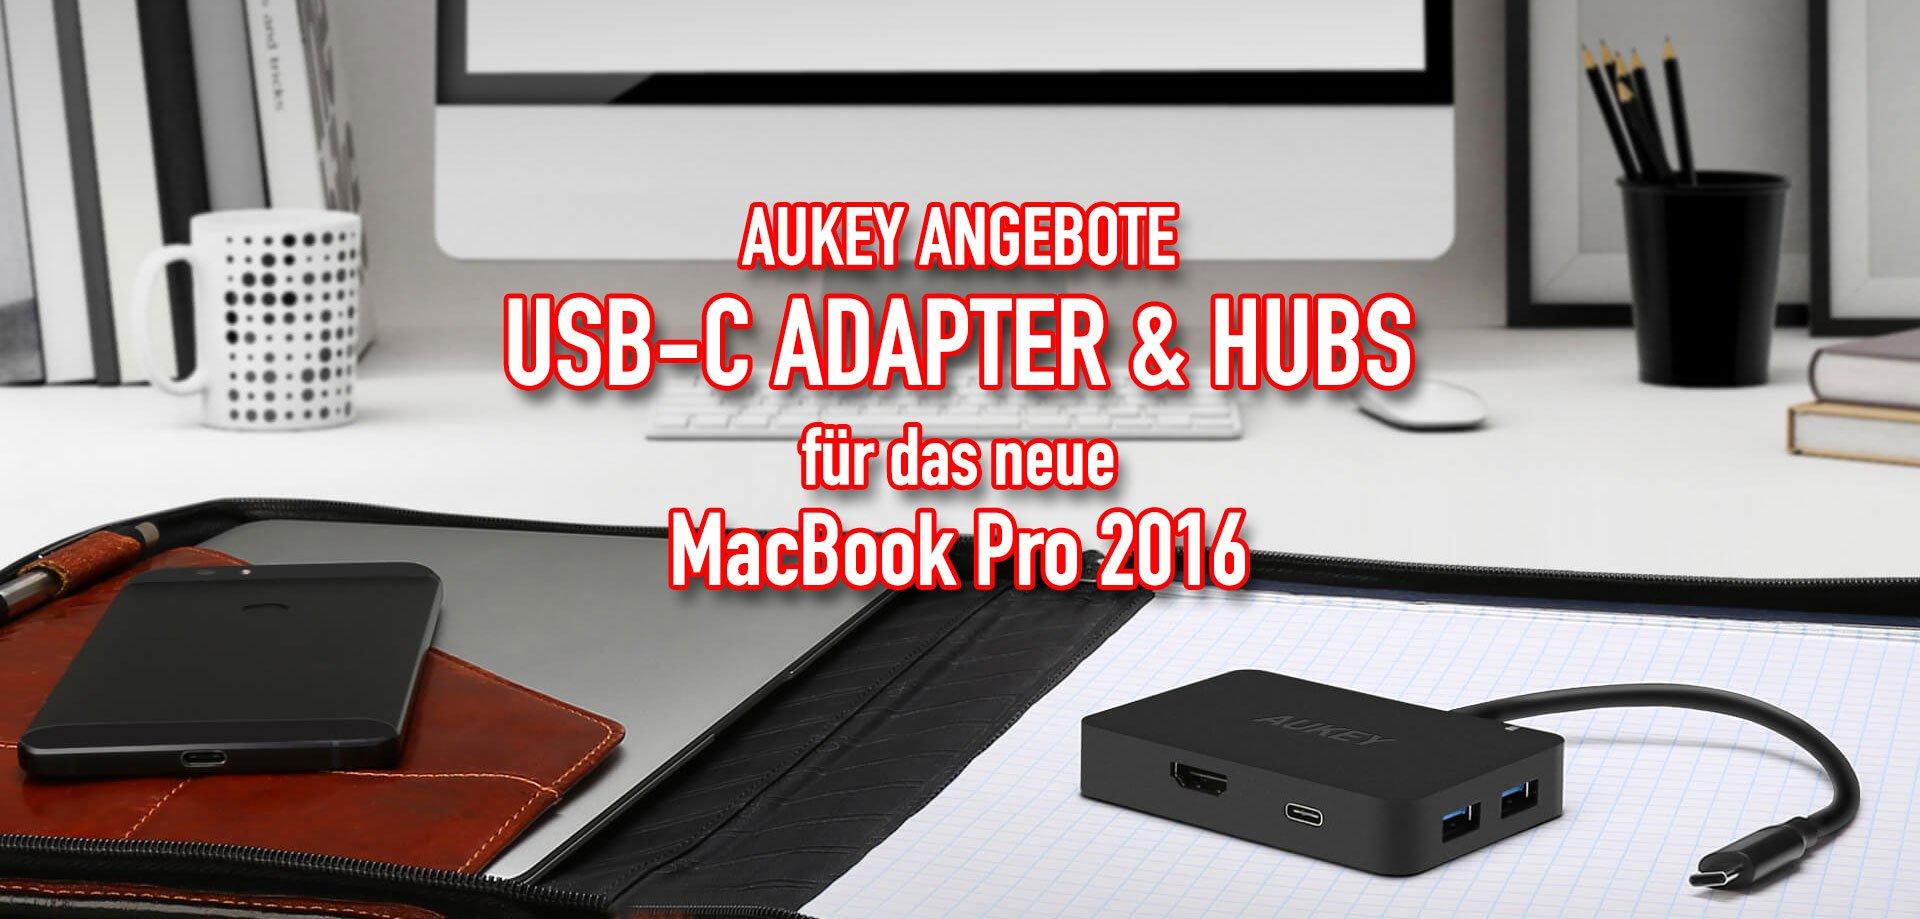 Aukey: günstige USB-C Adapter & Hubs fürs neue MacBook Pro 2016 4